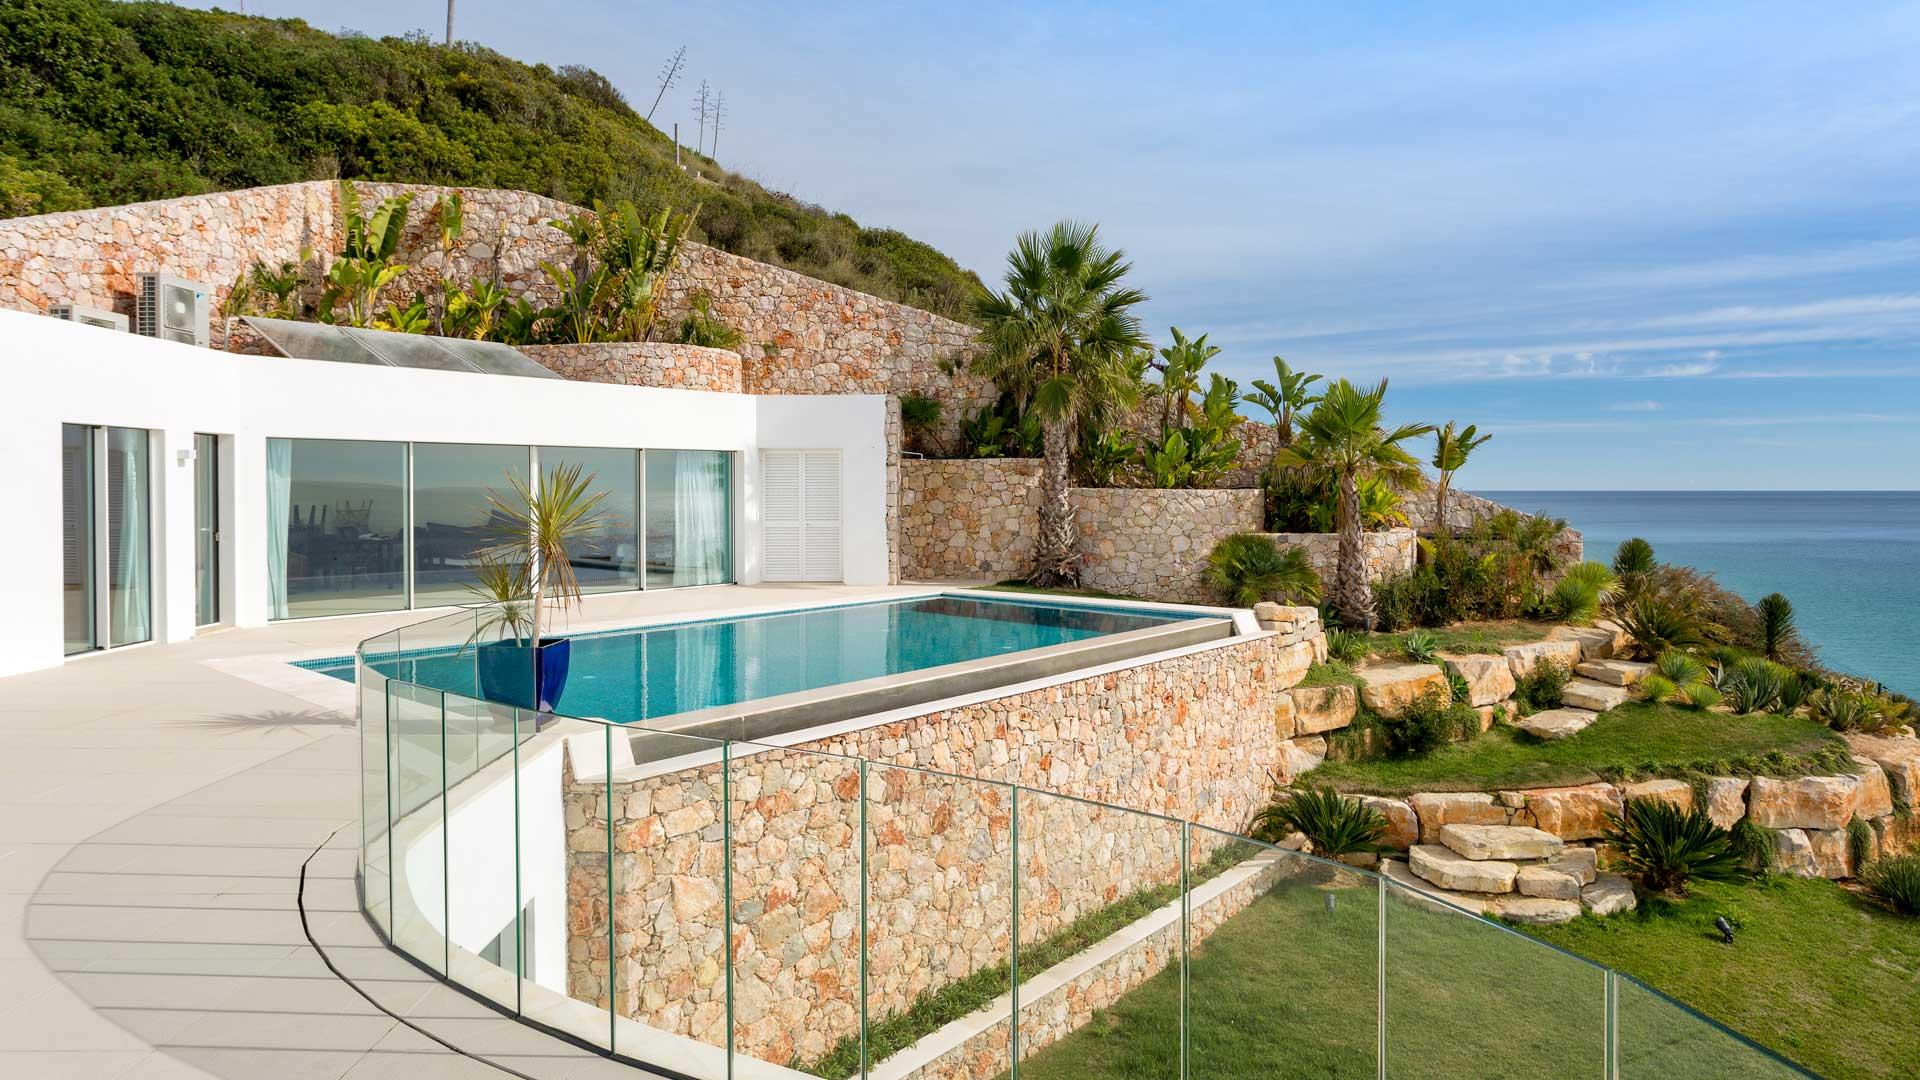 Luxury villa rentals Algarve Portugal: the TOP